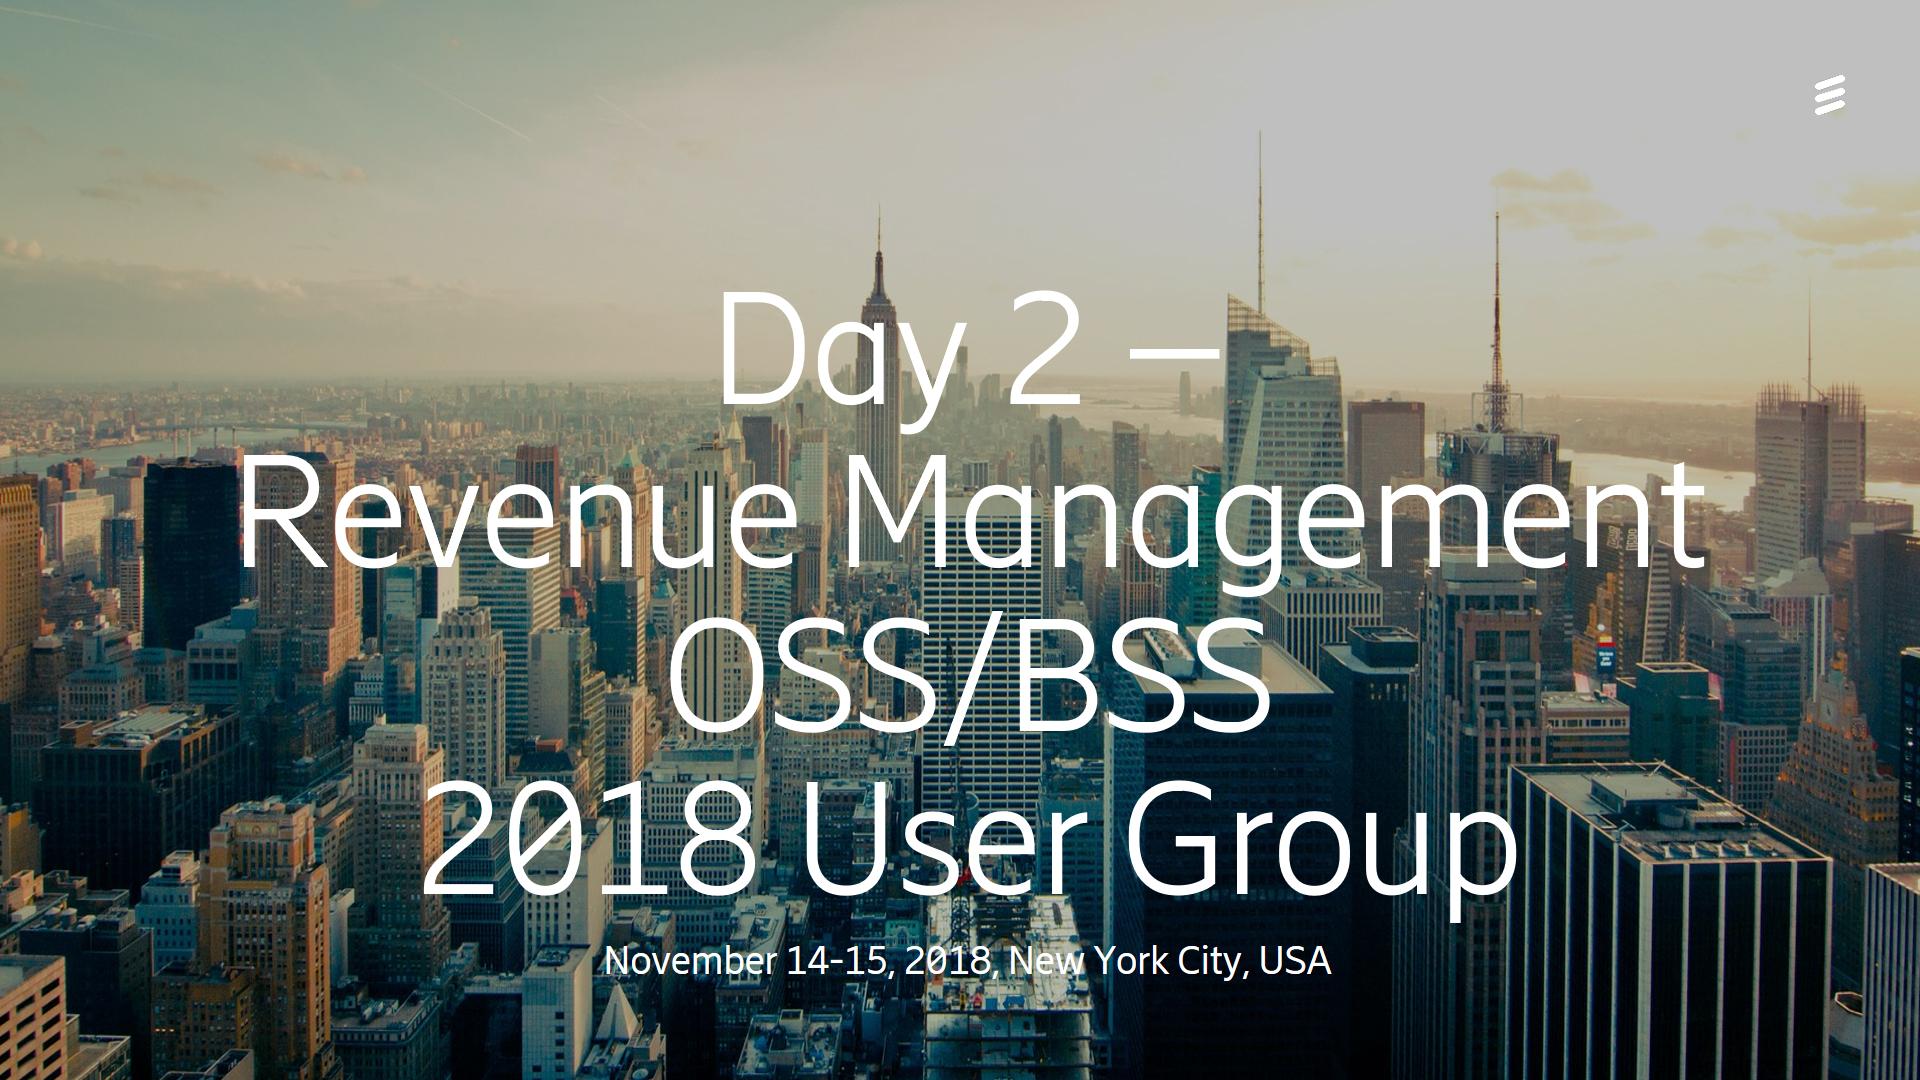 Day 2 Revenue Management - OSS/BSS User Group 2018